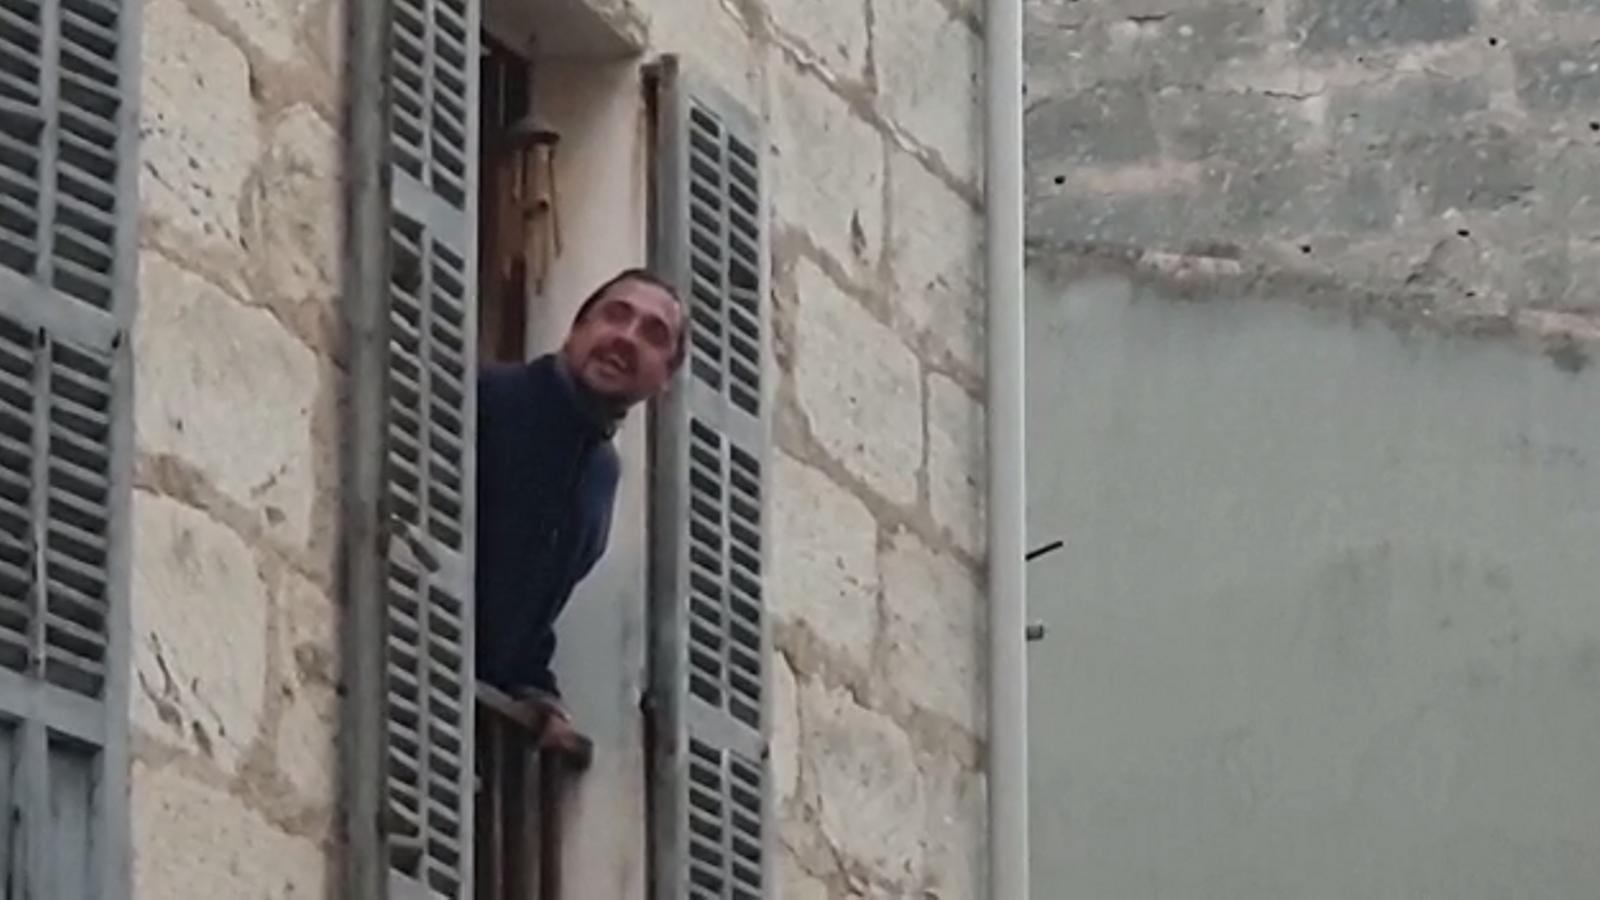 Mateu Xurí canta una glossa sobre el coronavirus al ritme de 'Bella ciao' des del balcó